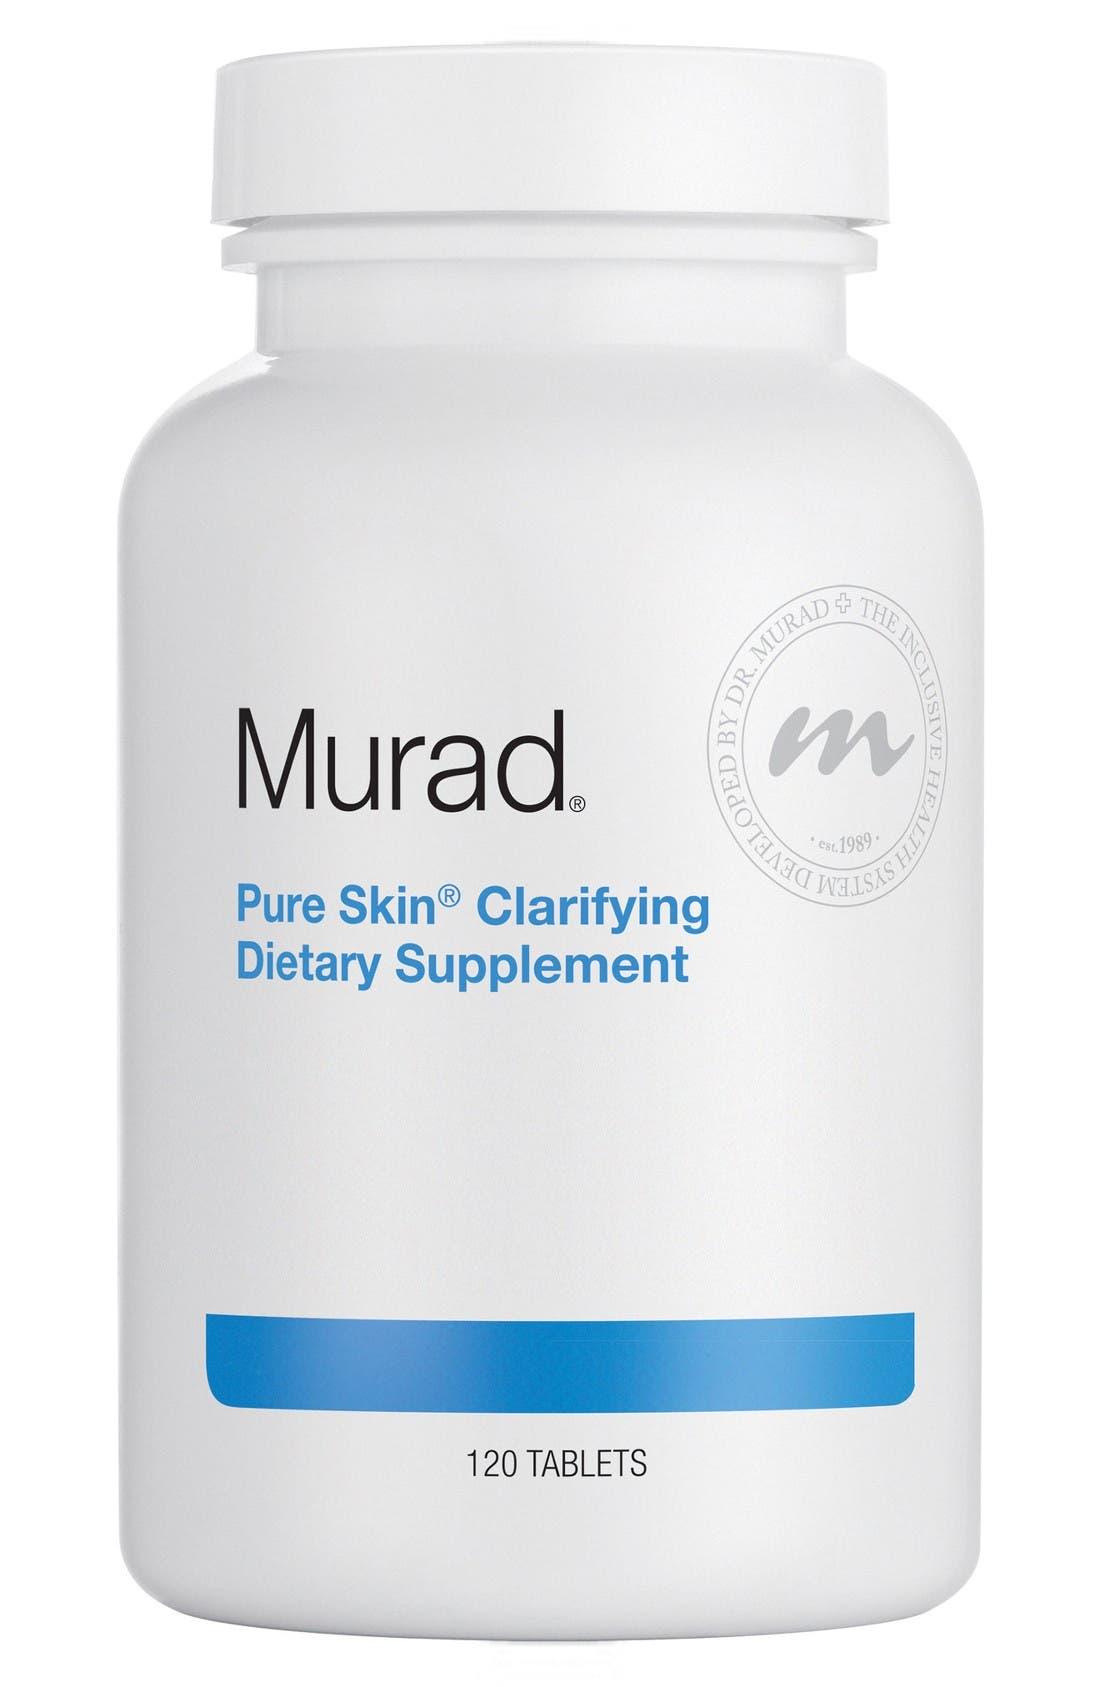 MURAD® Pure Skin® Clarifying Dietary Supplement